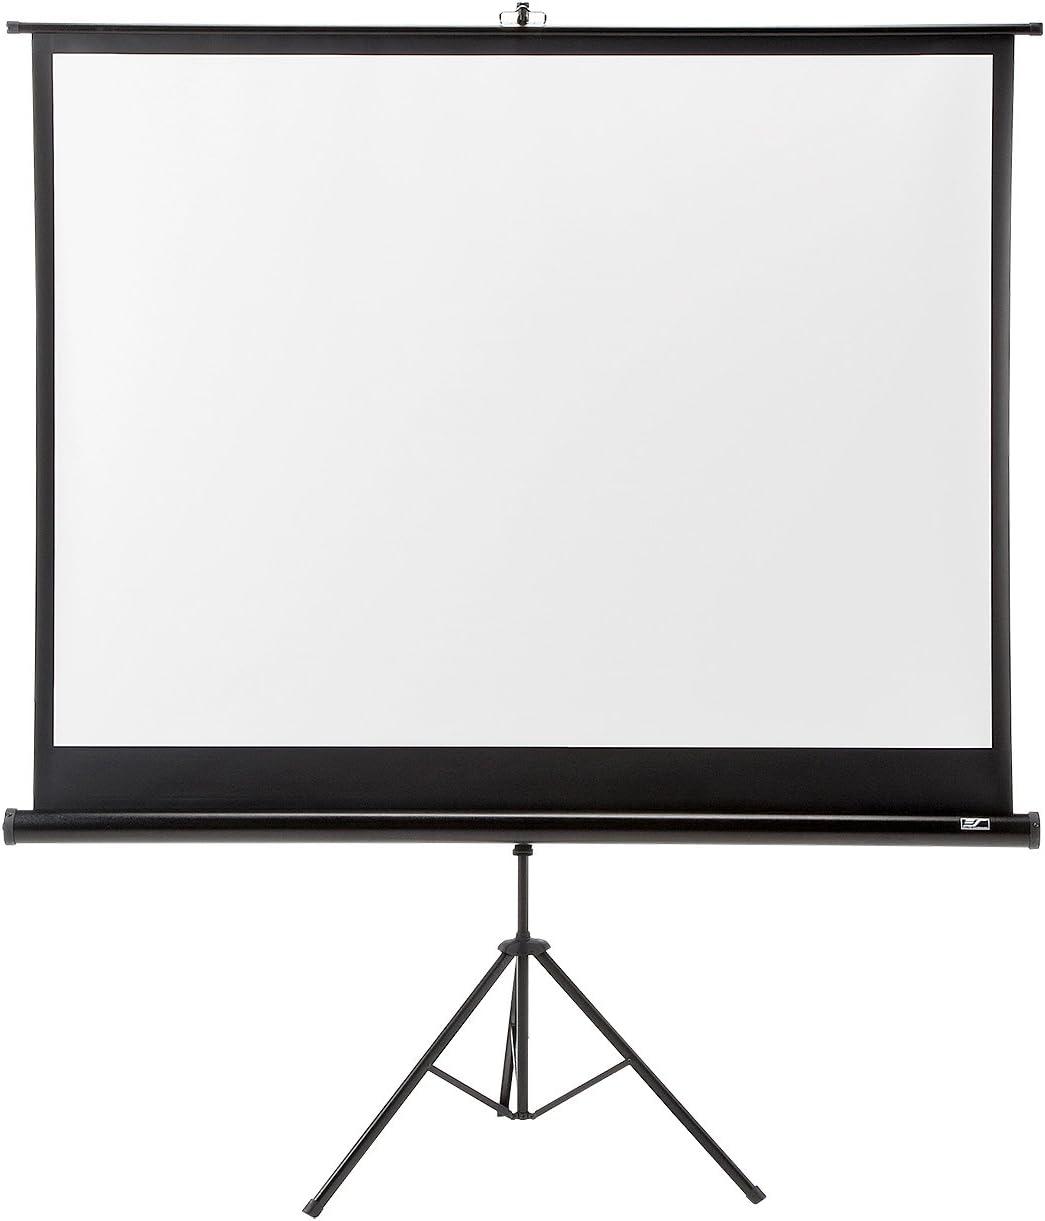 サンワダイレクト プロジェクタースクリーン 84インチ 三脚式 自立式 100-PRS004